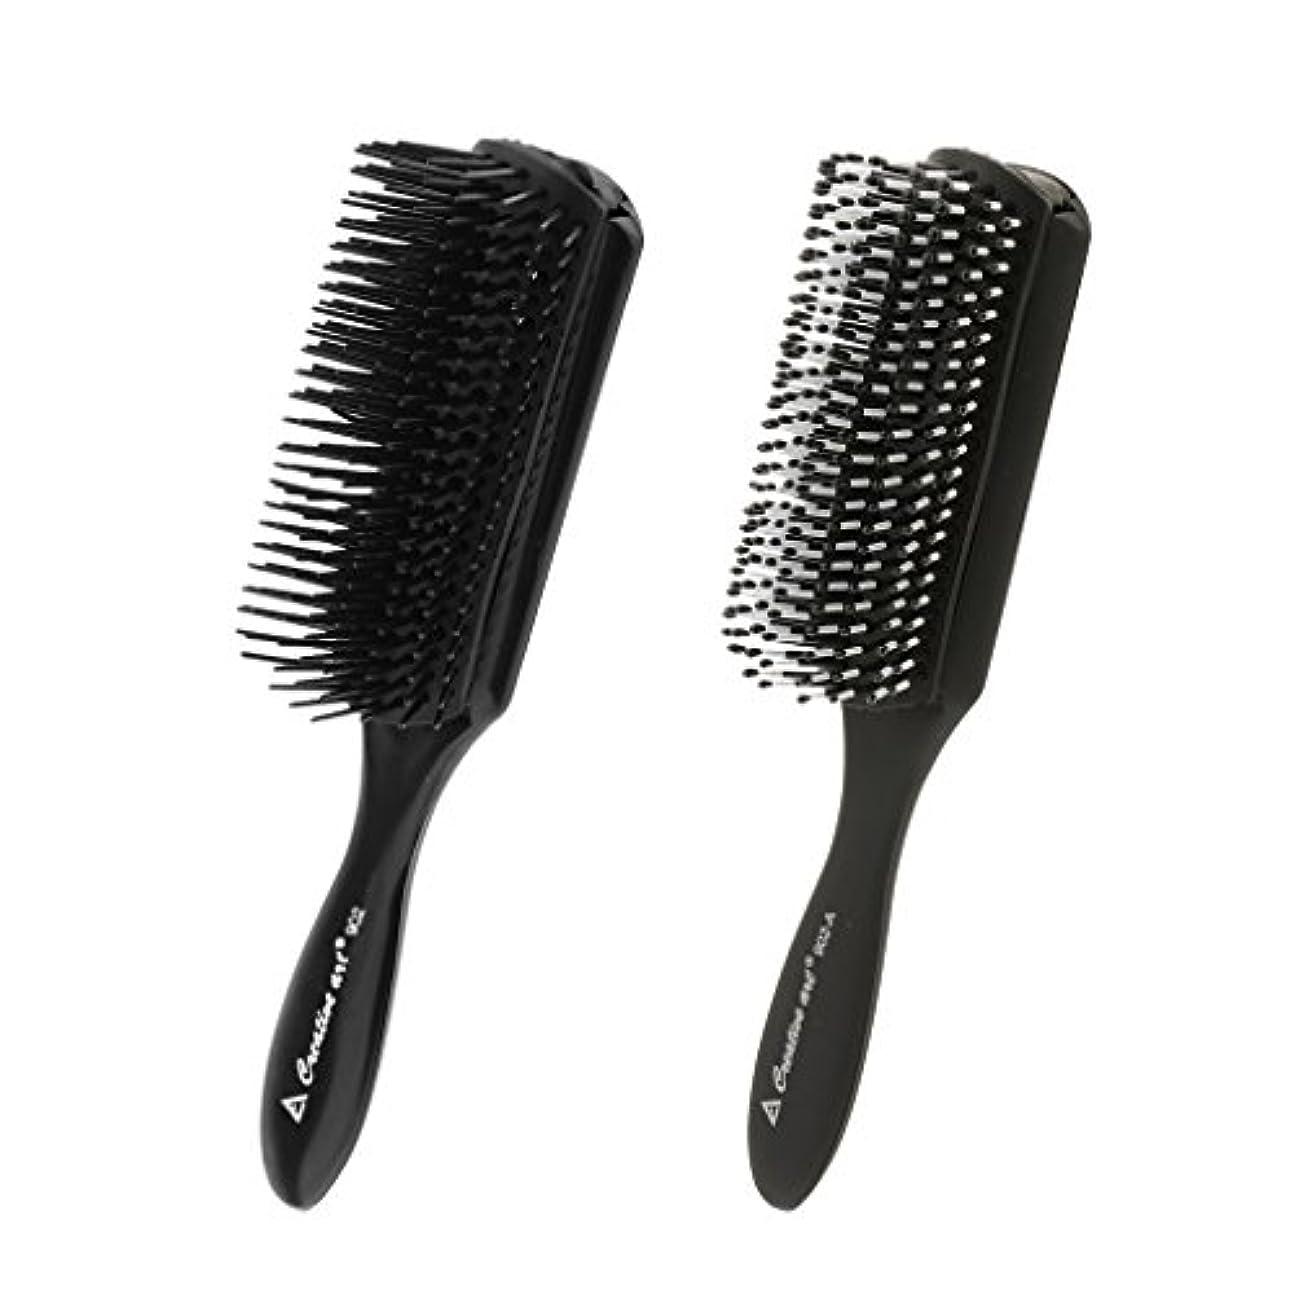 迷路ただ翻訳するCUTICATE 2本の黒い髪のスタイリングの櫛頭皮マッサージブラシサロン理髪用